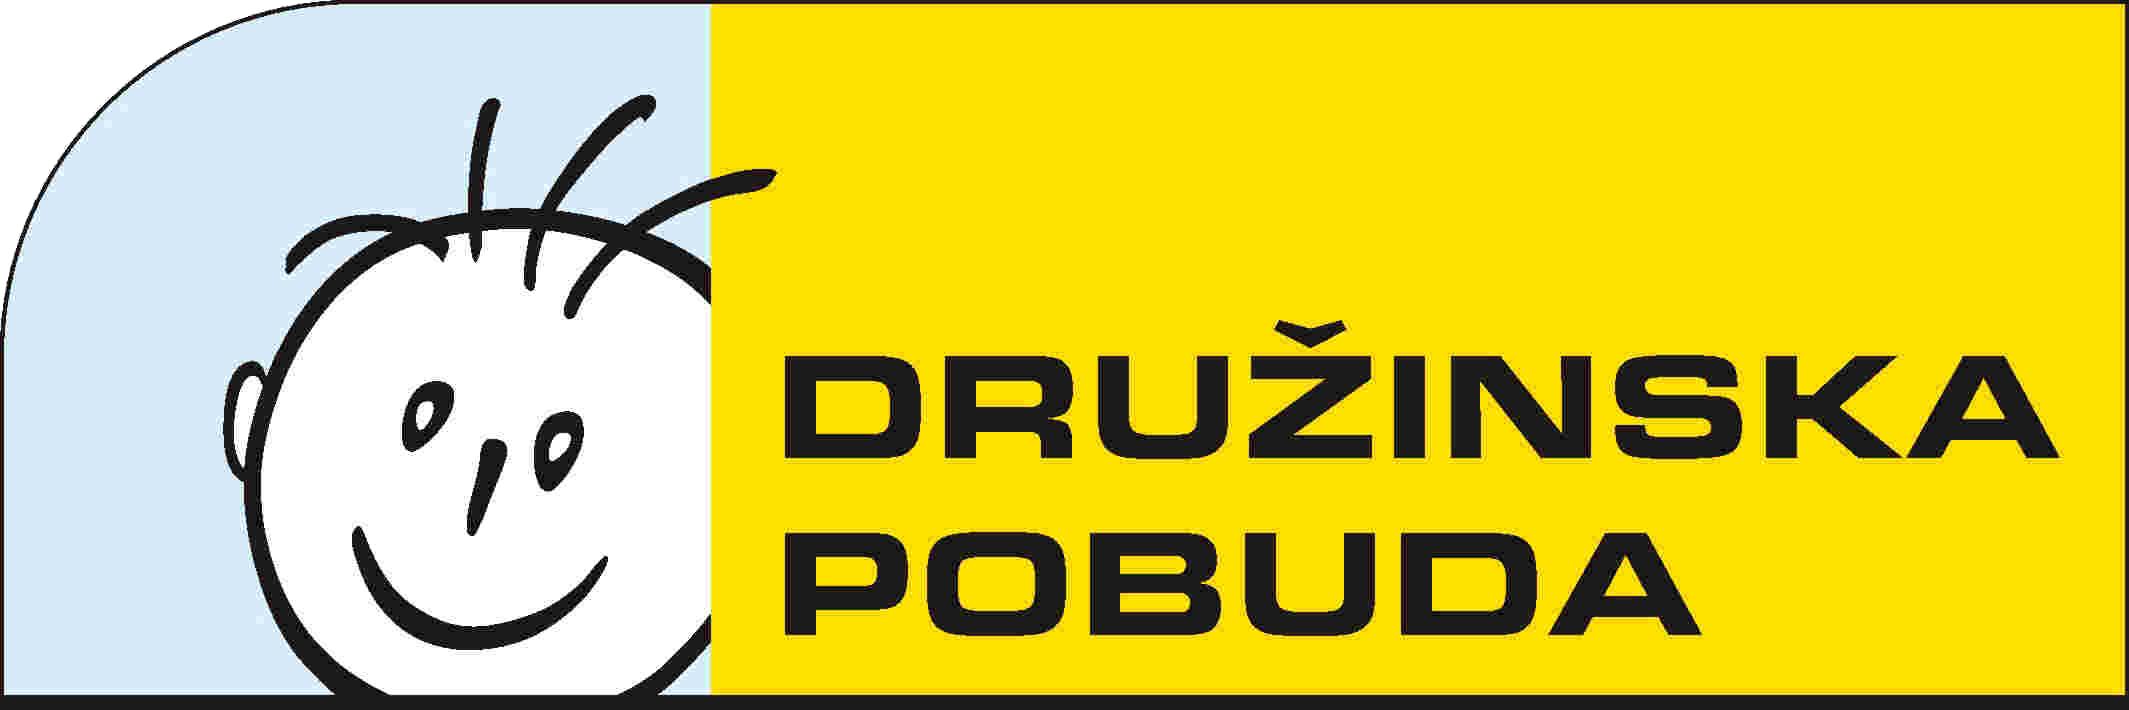 Logo Druzinska Pobuda2